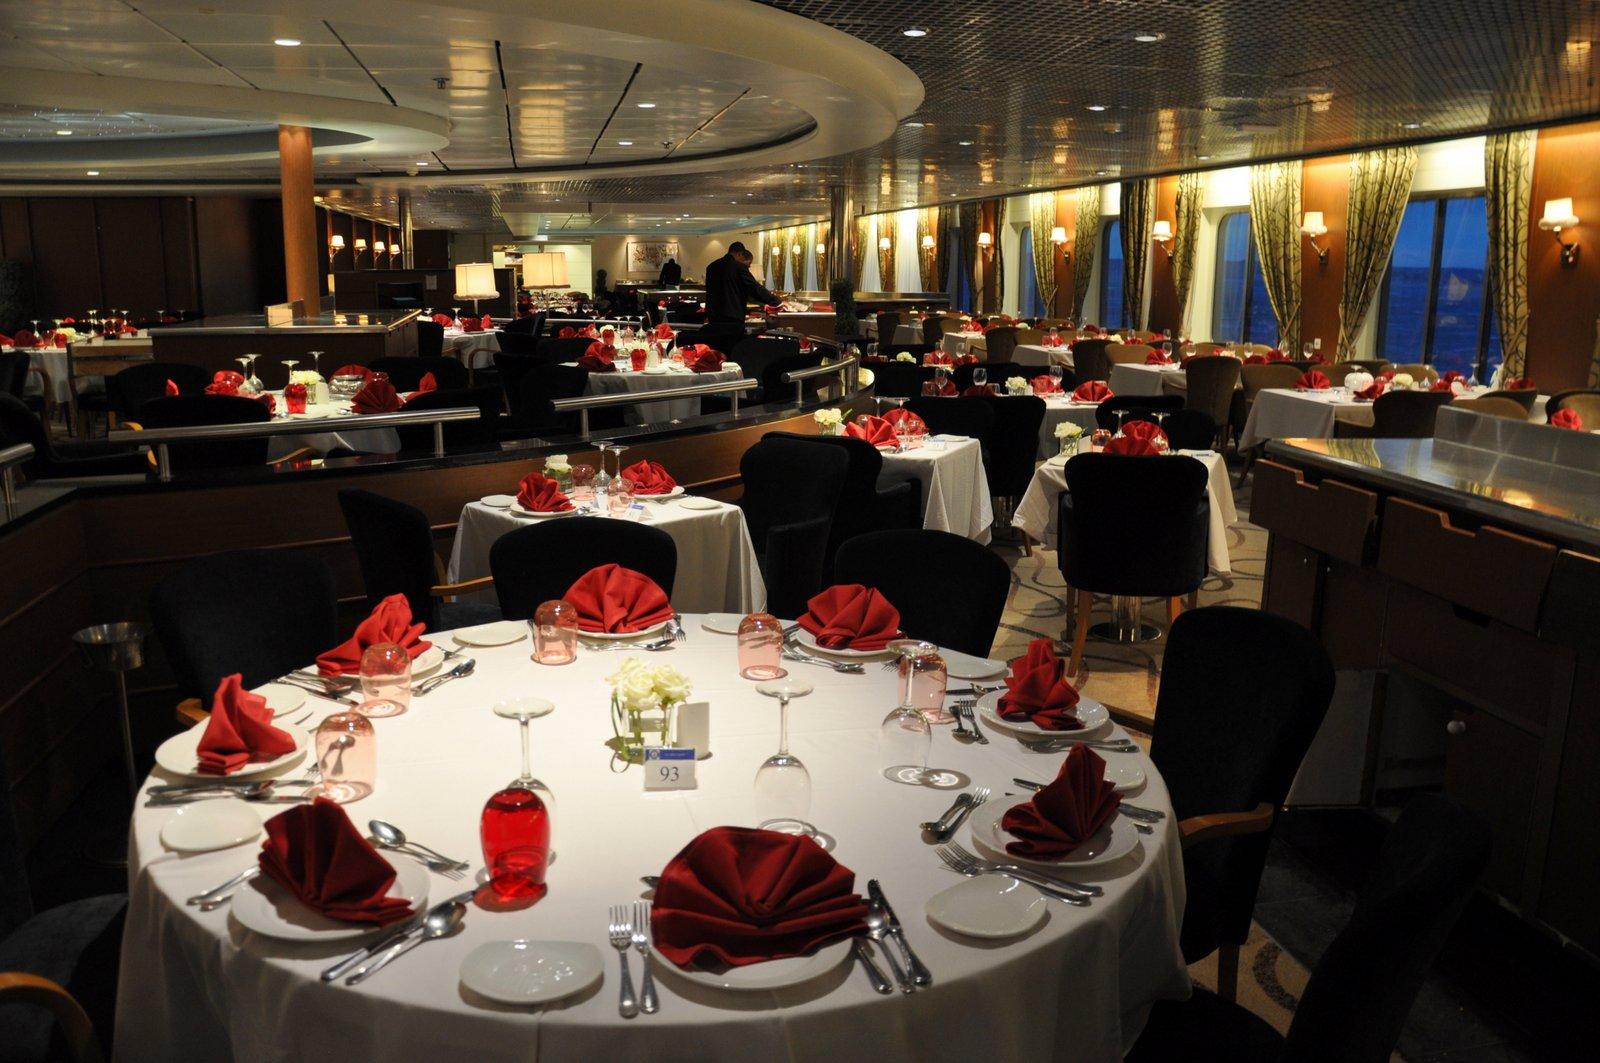 La salle de restaurant à bord de l'Horizon